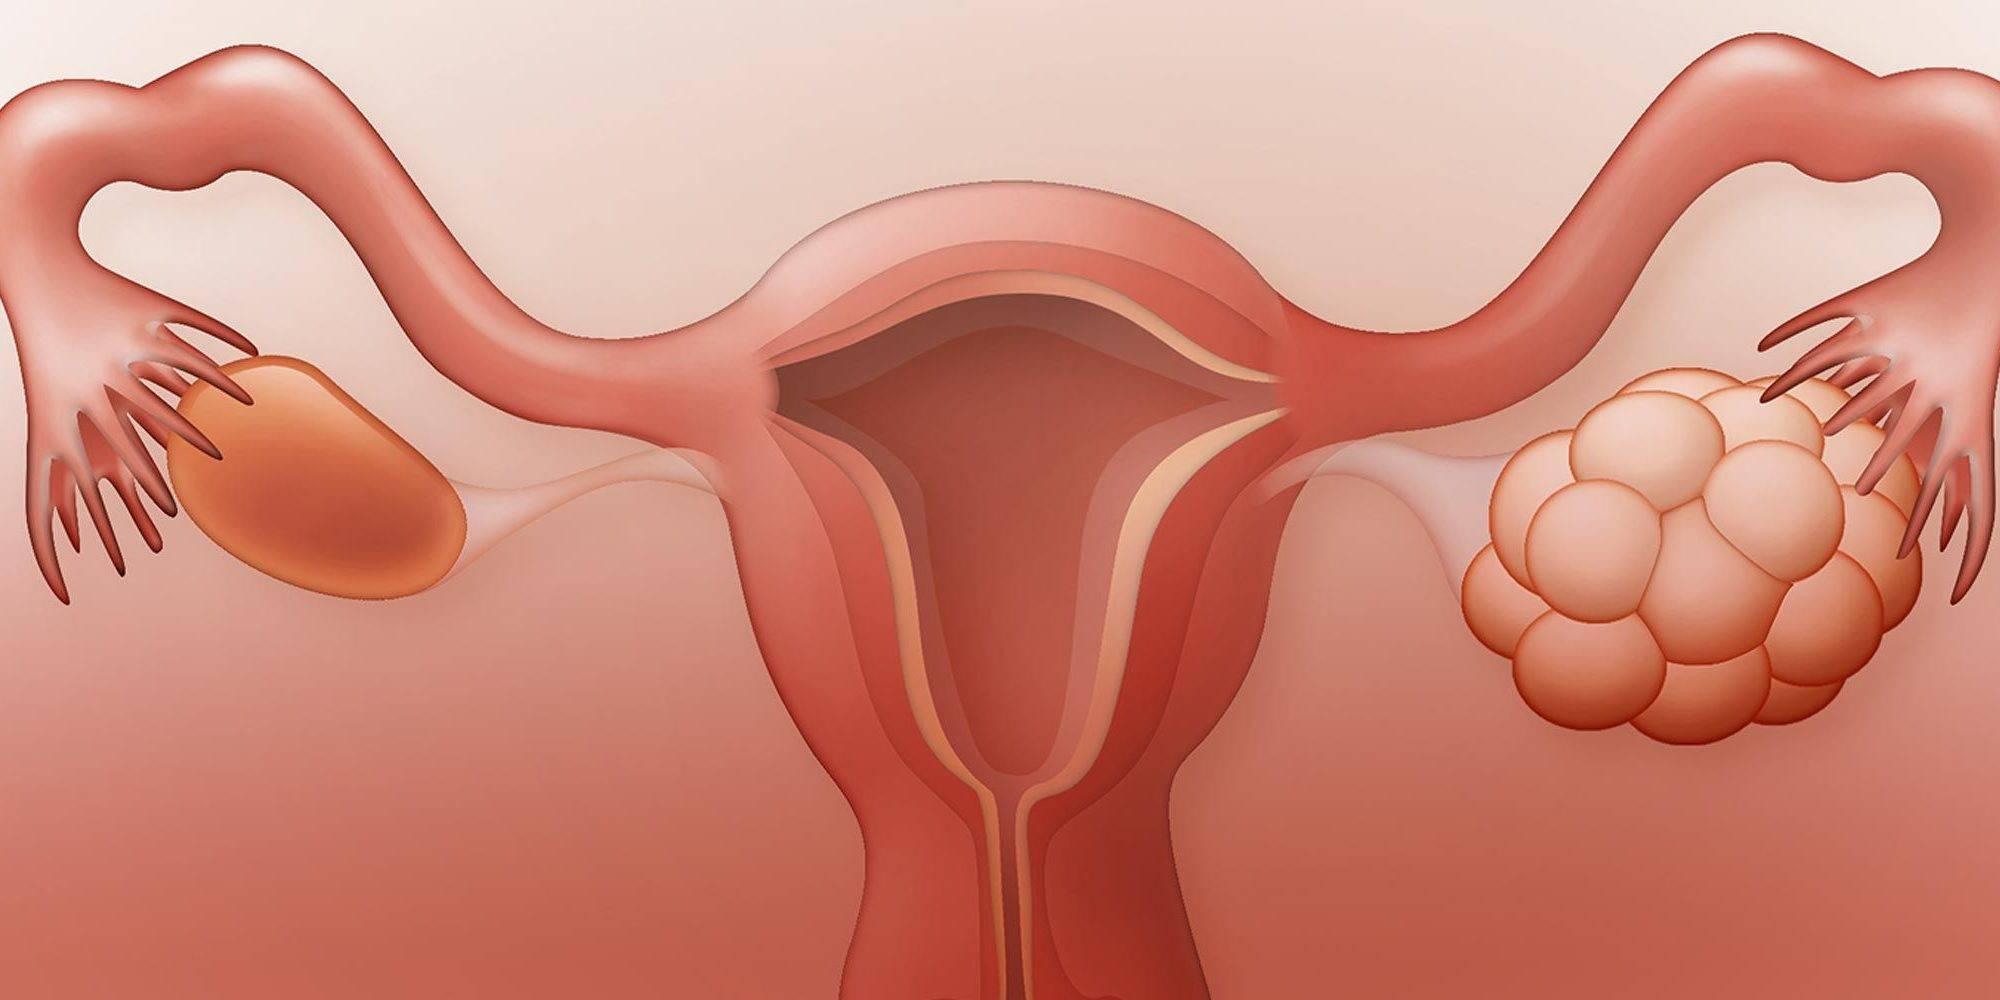 Что такое кистозные изменения яичников